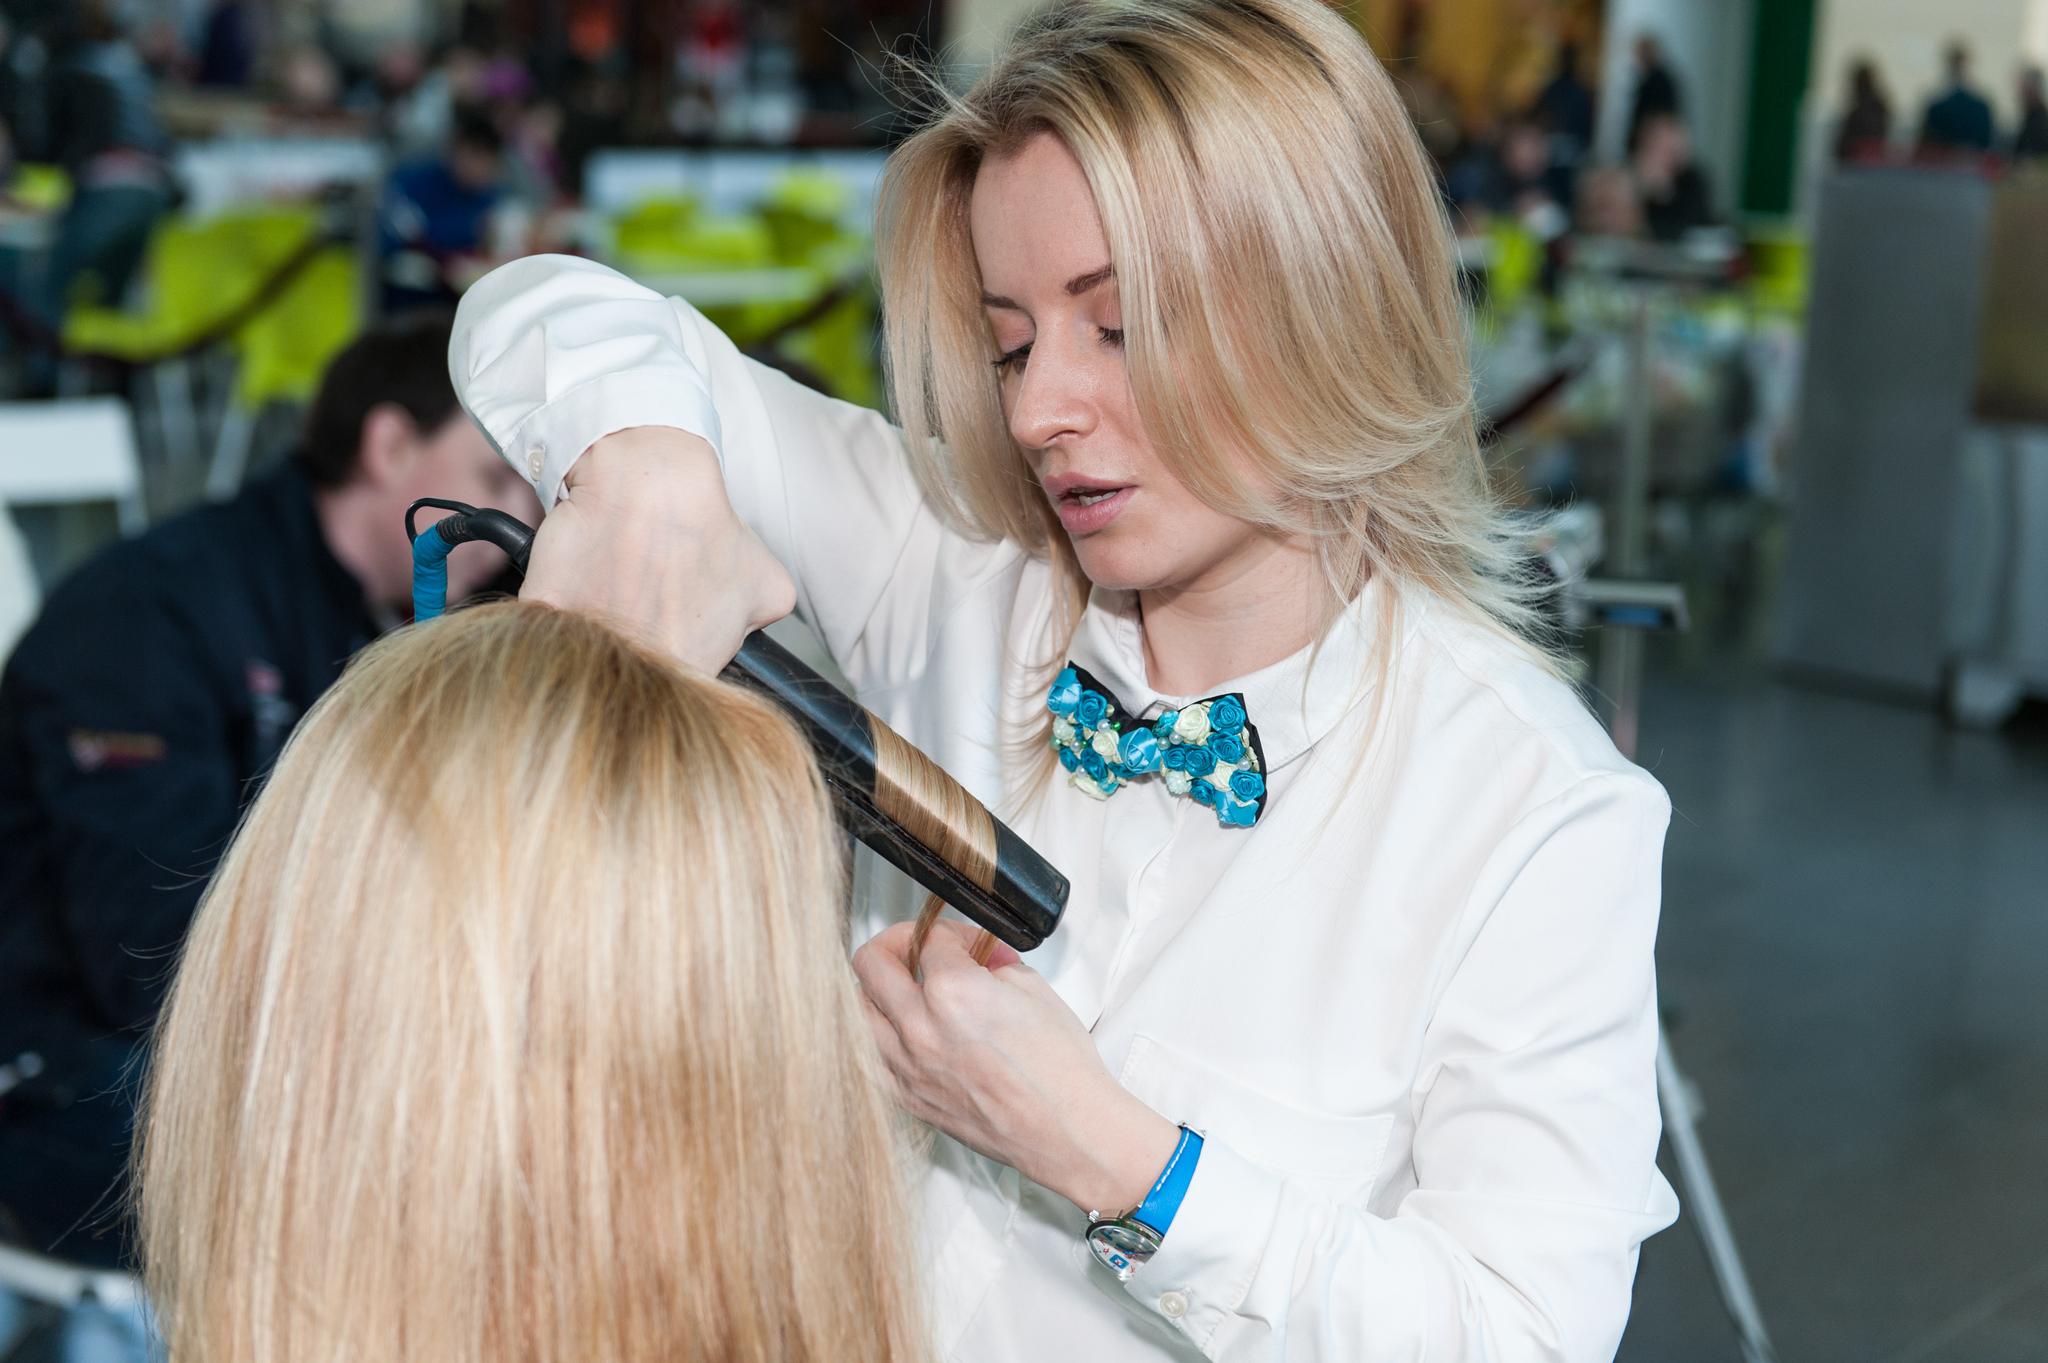 идеально как выглядеть стильно парикмахеру фото успешной